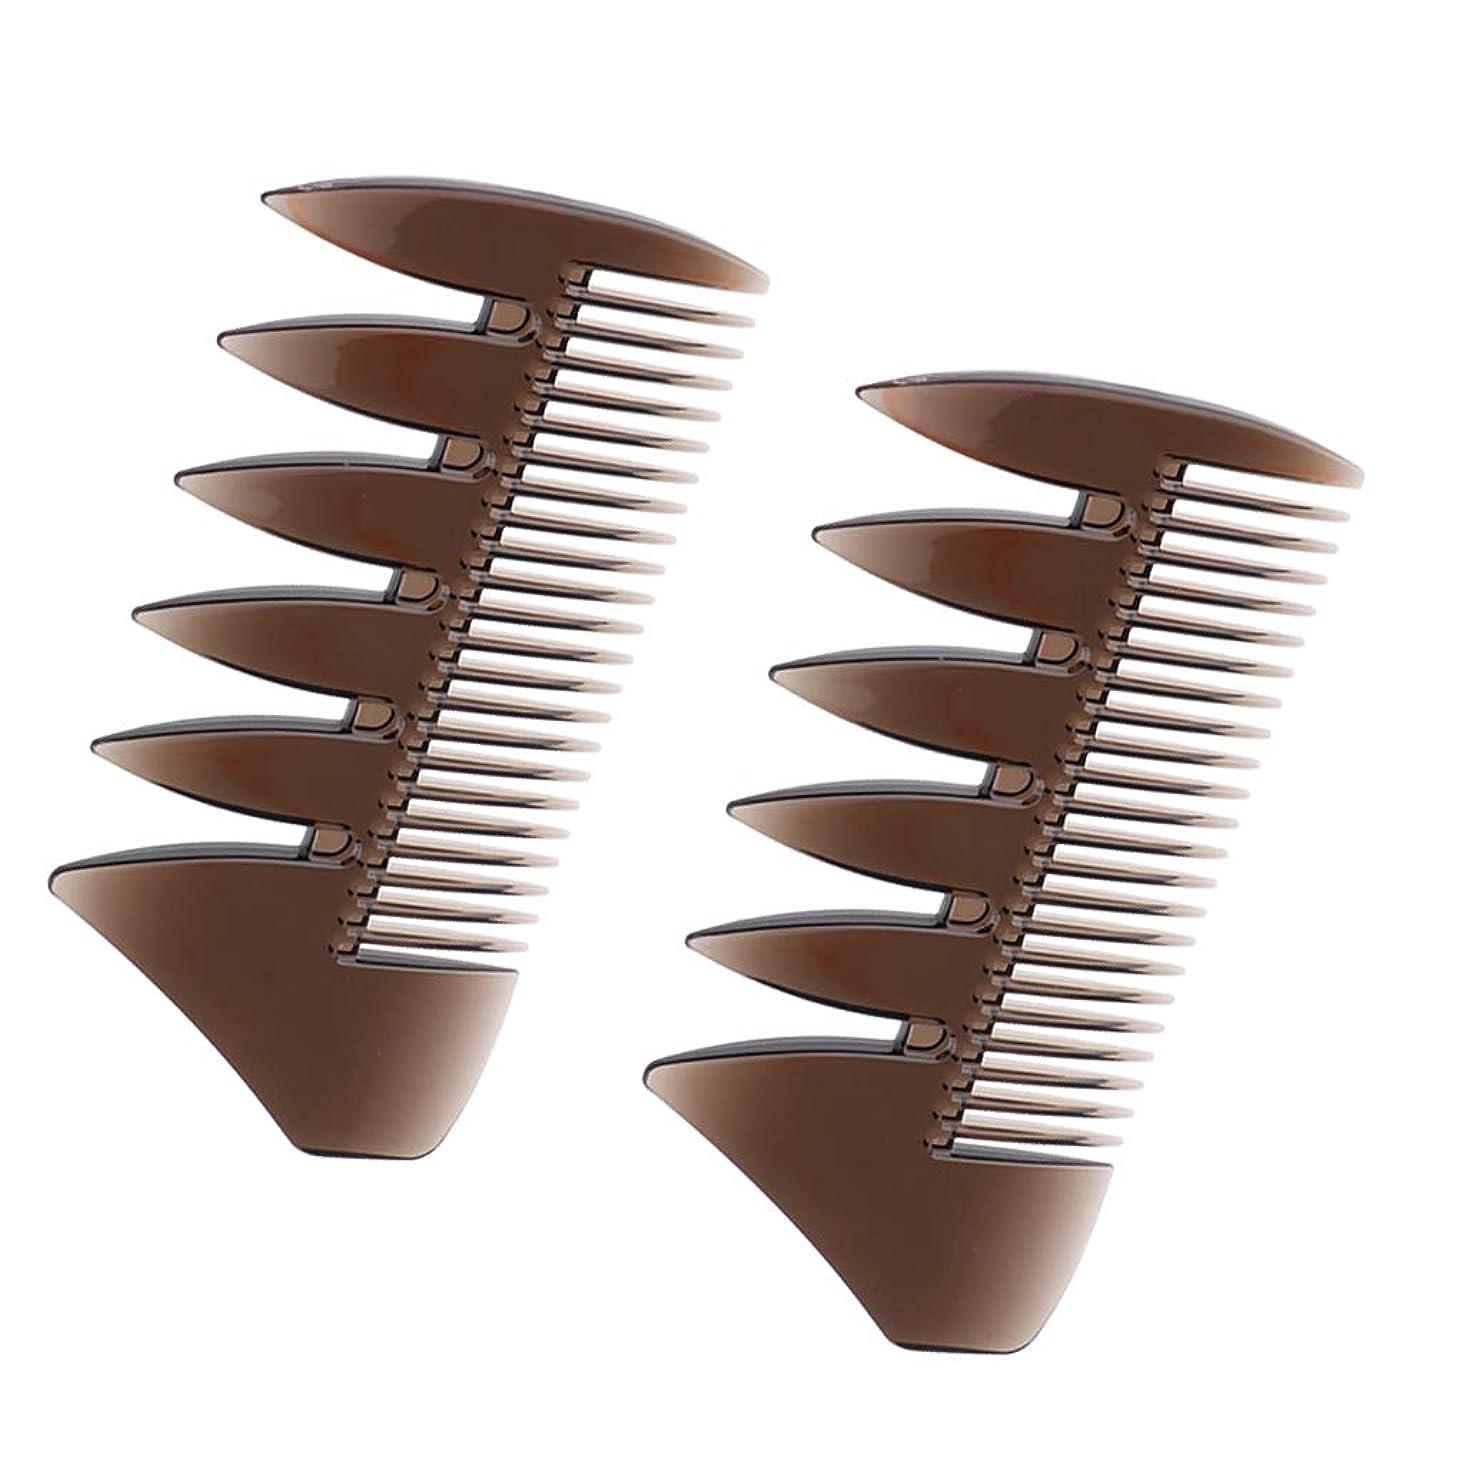 もう一度悪行有用Sharplace ヘアコンビ デュアルサイド メンズ 髪櫛 ヘアサロン ヘアスタイリング 散髪店/美容院専用櫛2個入